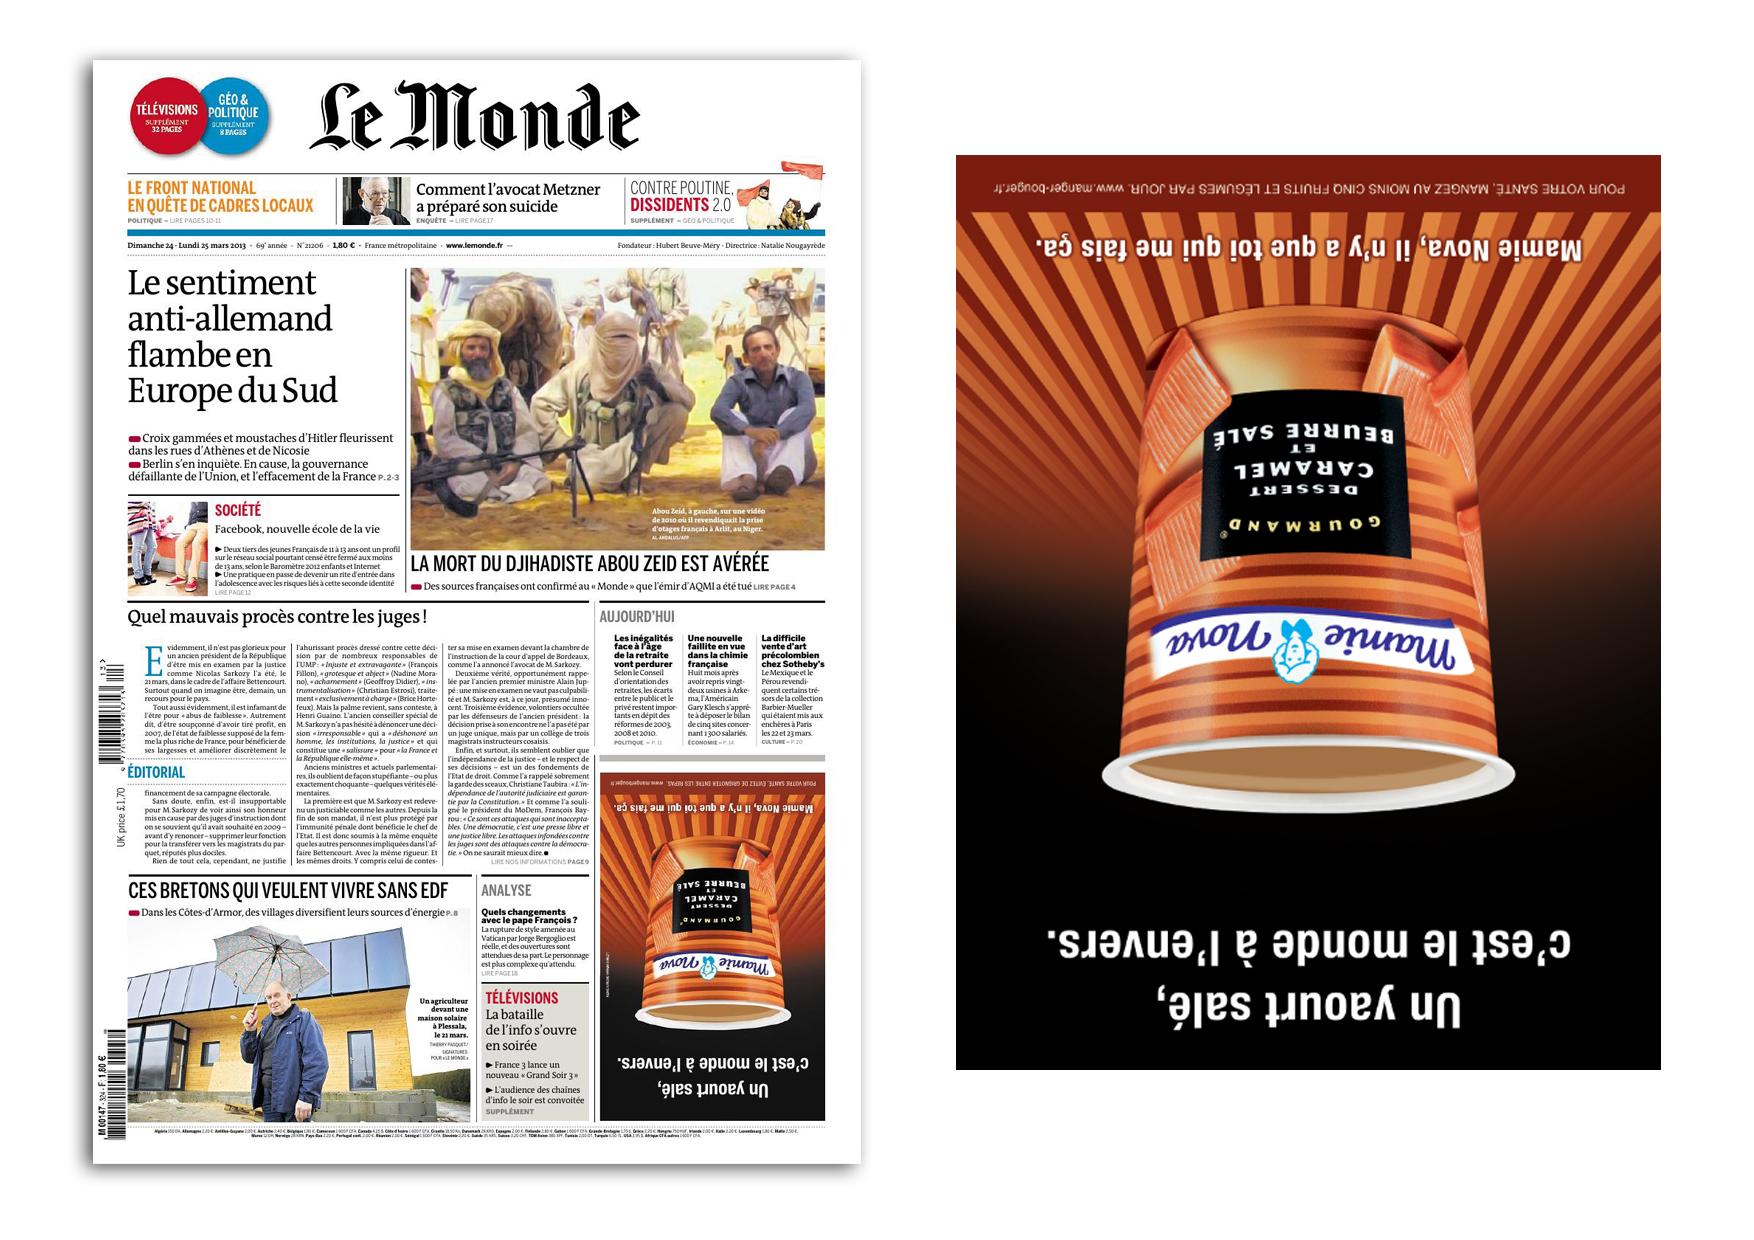 Les 16 meilleures publicit s fran aises de la semaine llllitl - Le journal de l agence ...